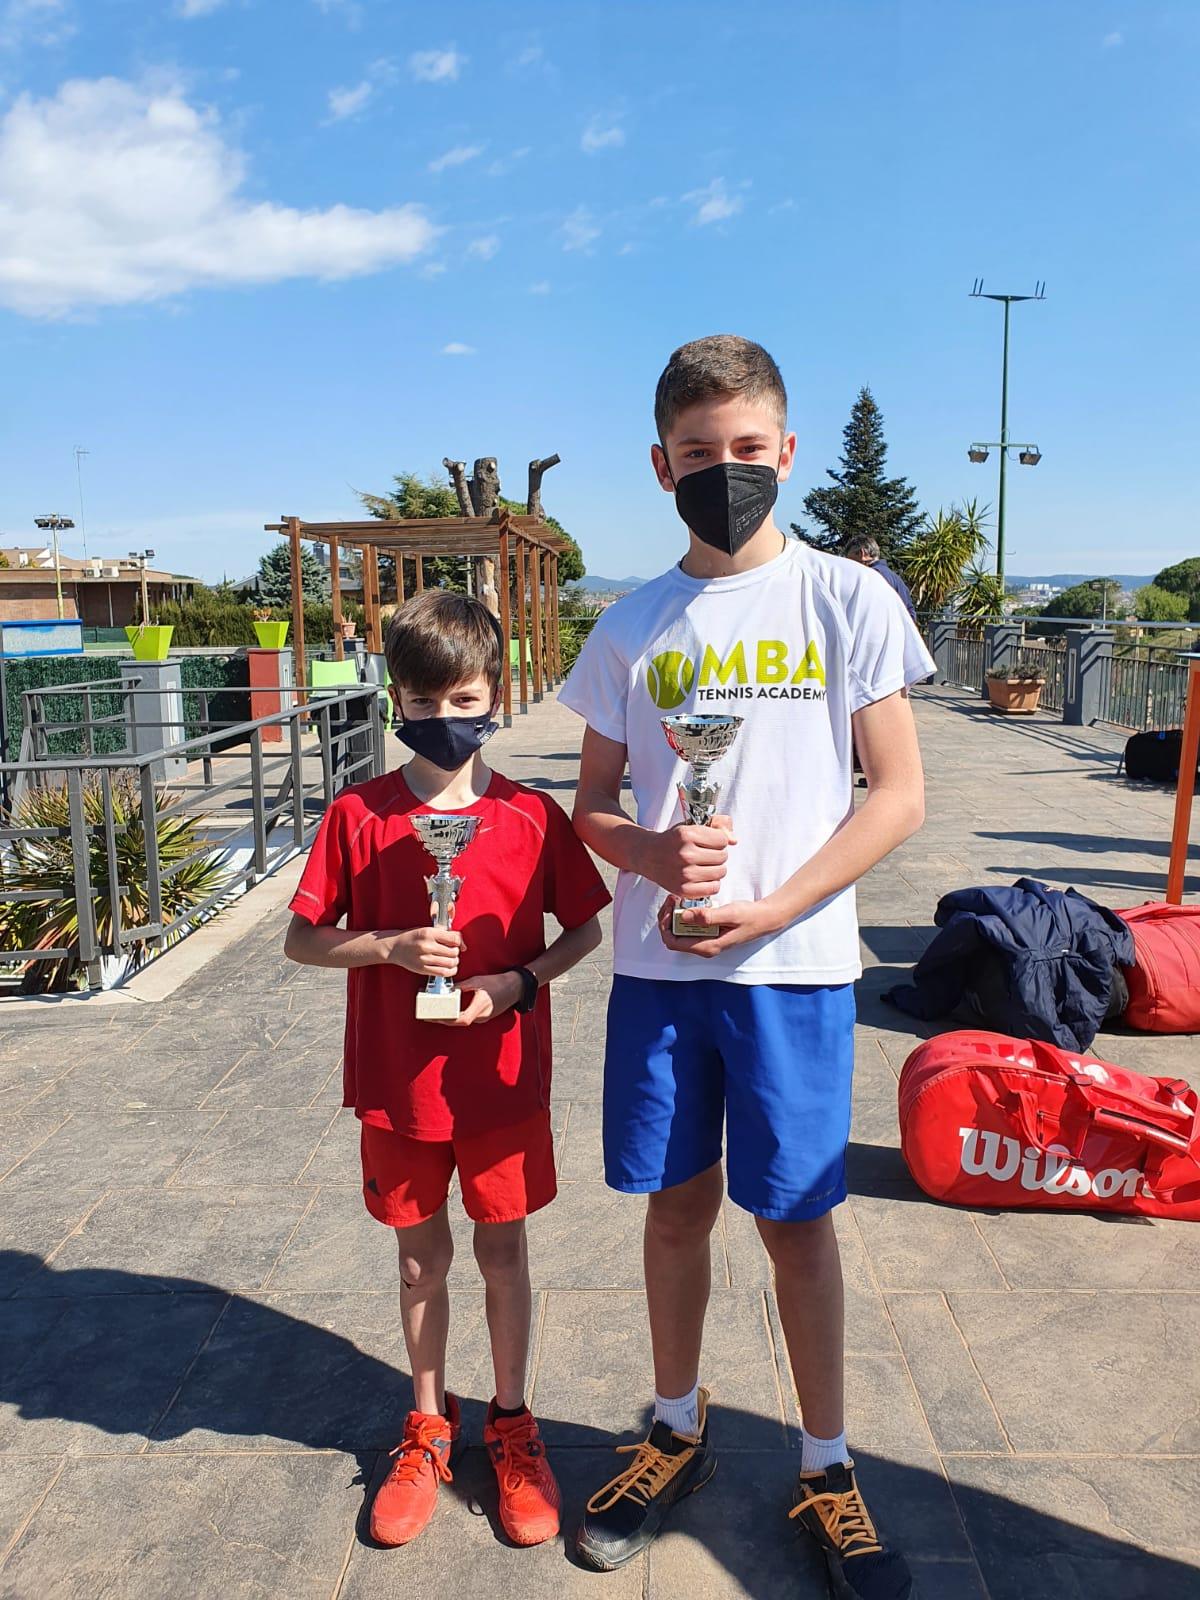 Hermanos Campillo campeones en el NCT Belulla